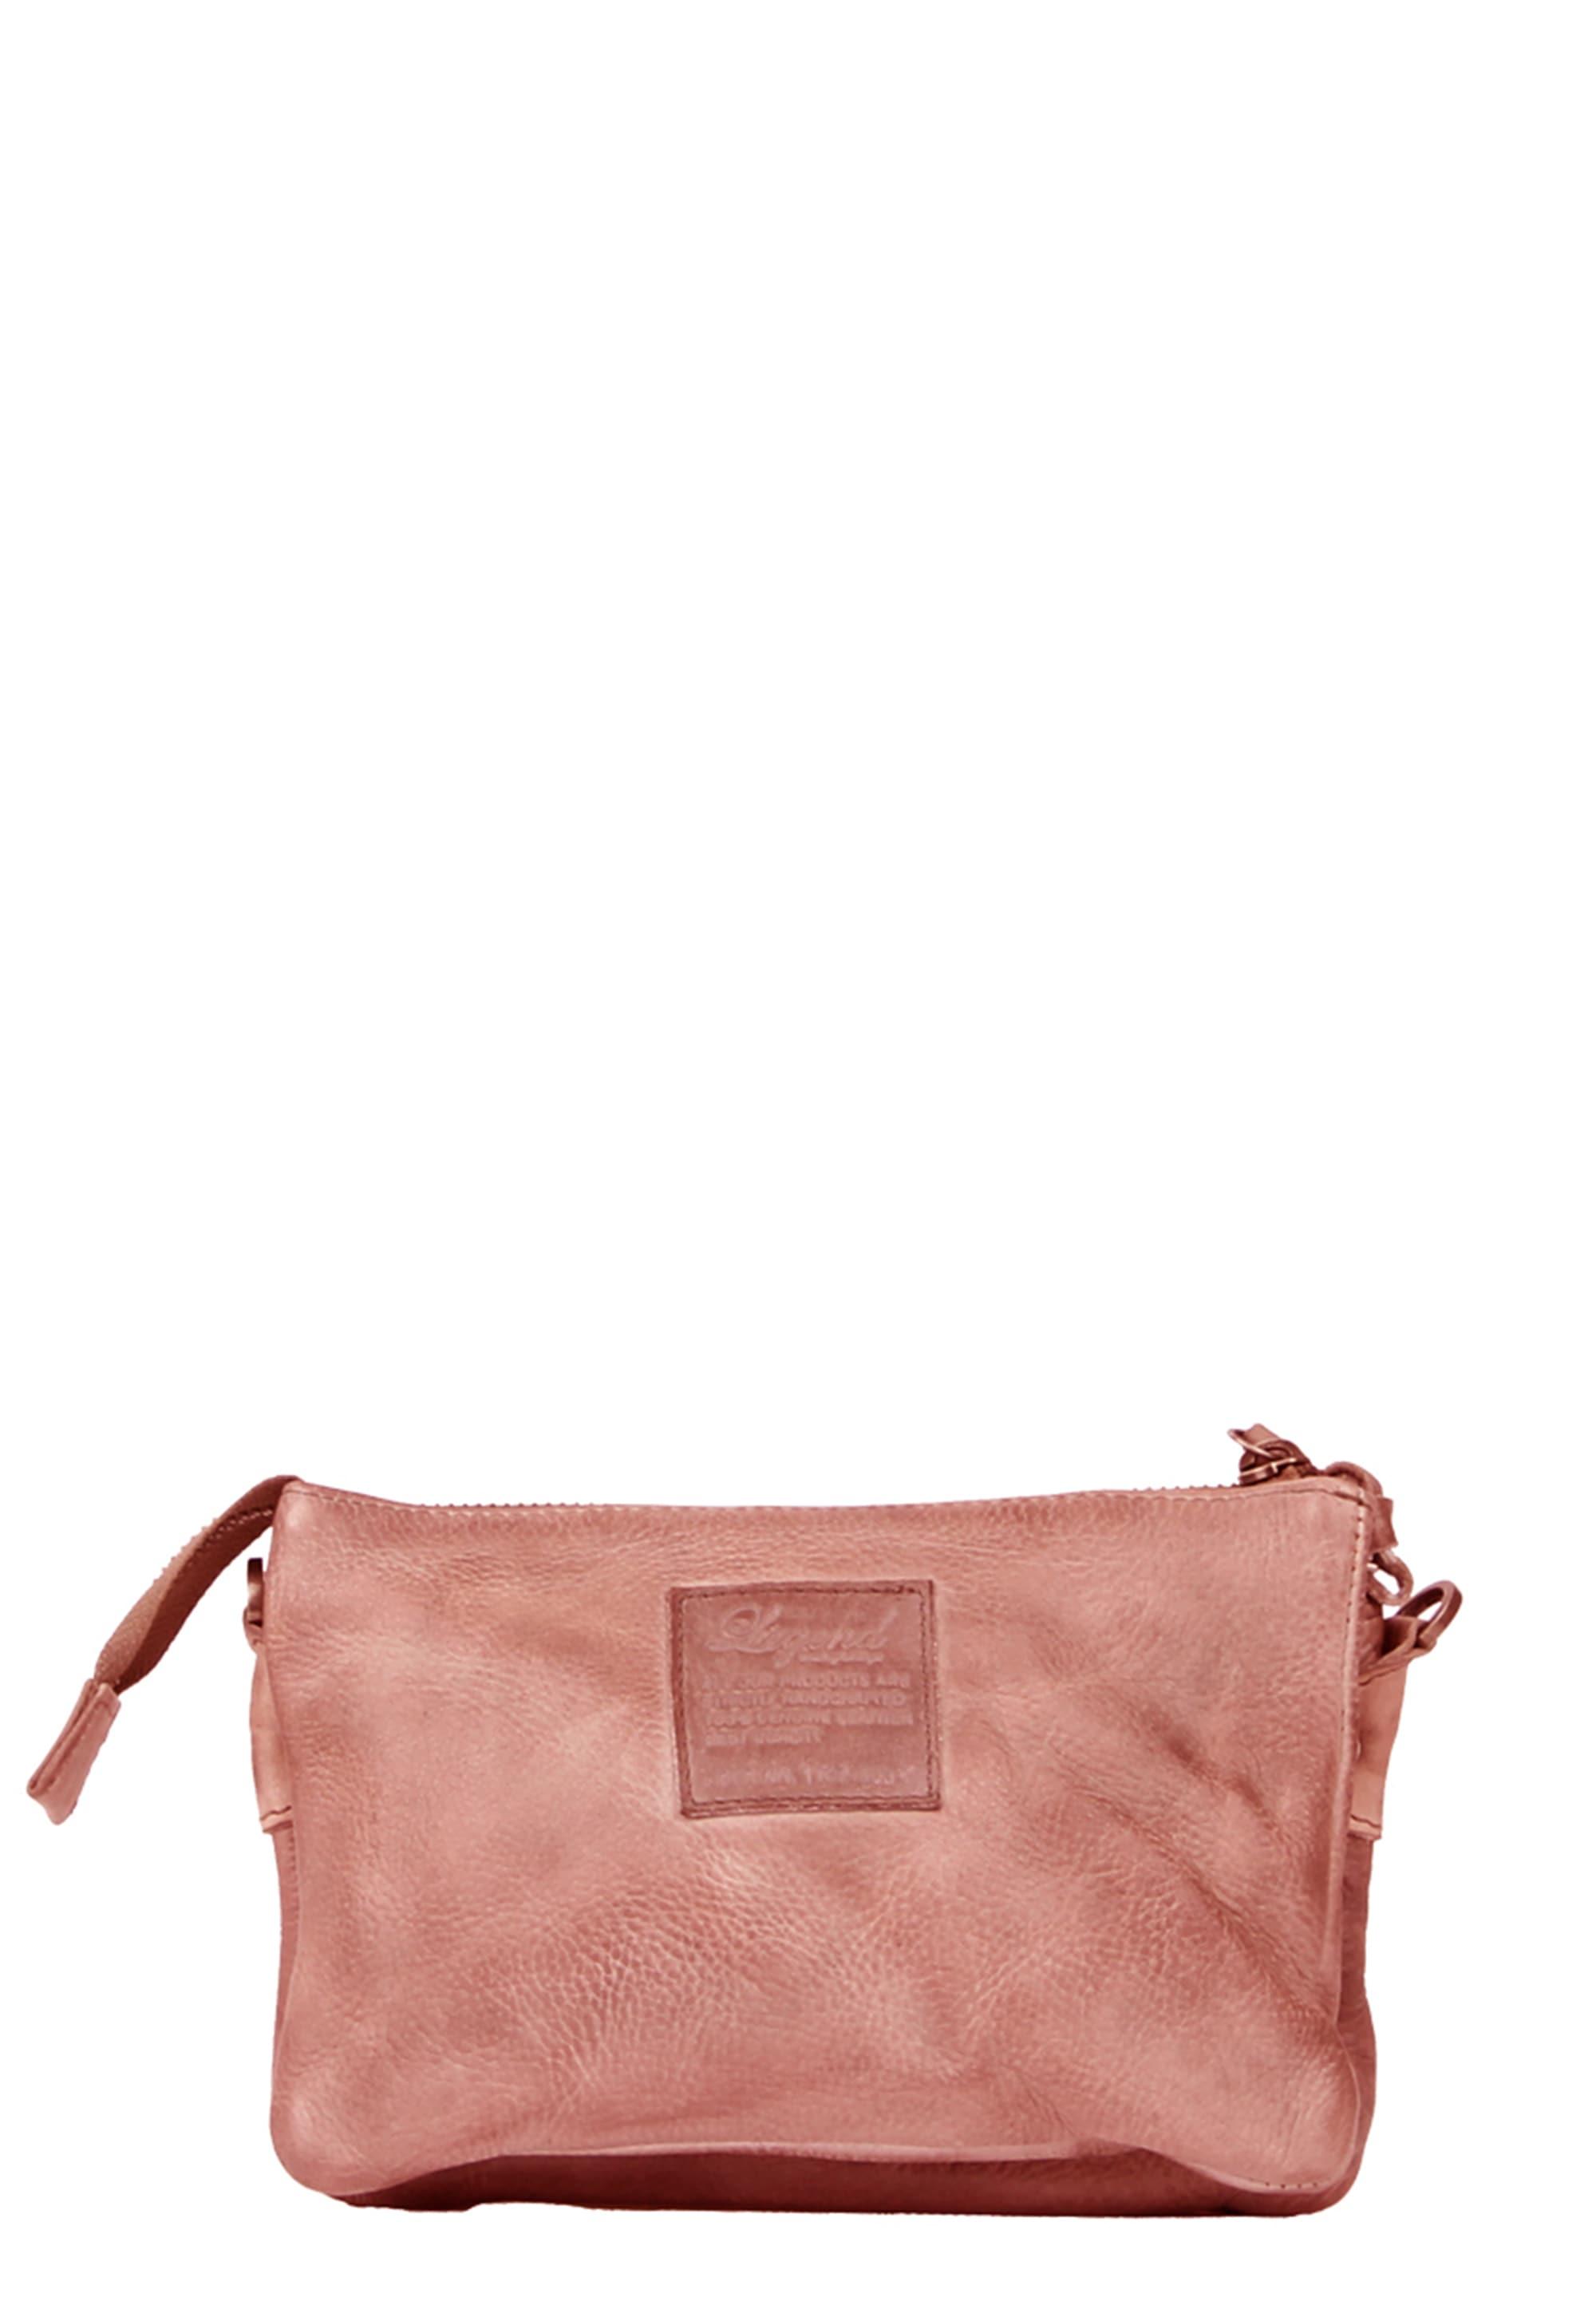 legend handtasche mit abnehmbarem schulterband como Modische Handtasche von Legend für Damen vAe4Z